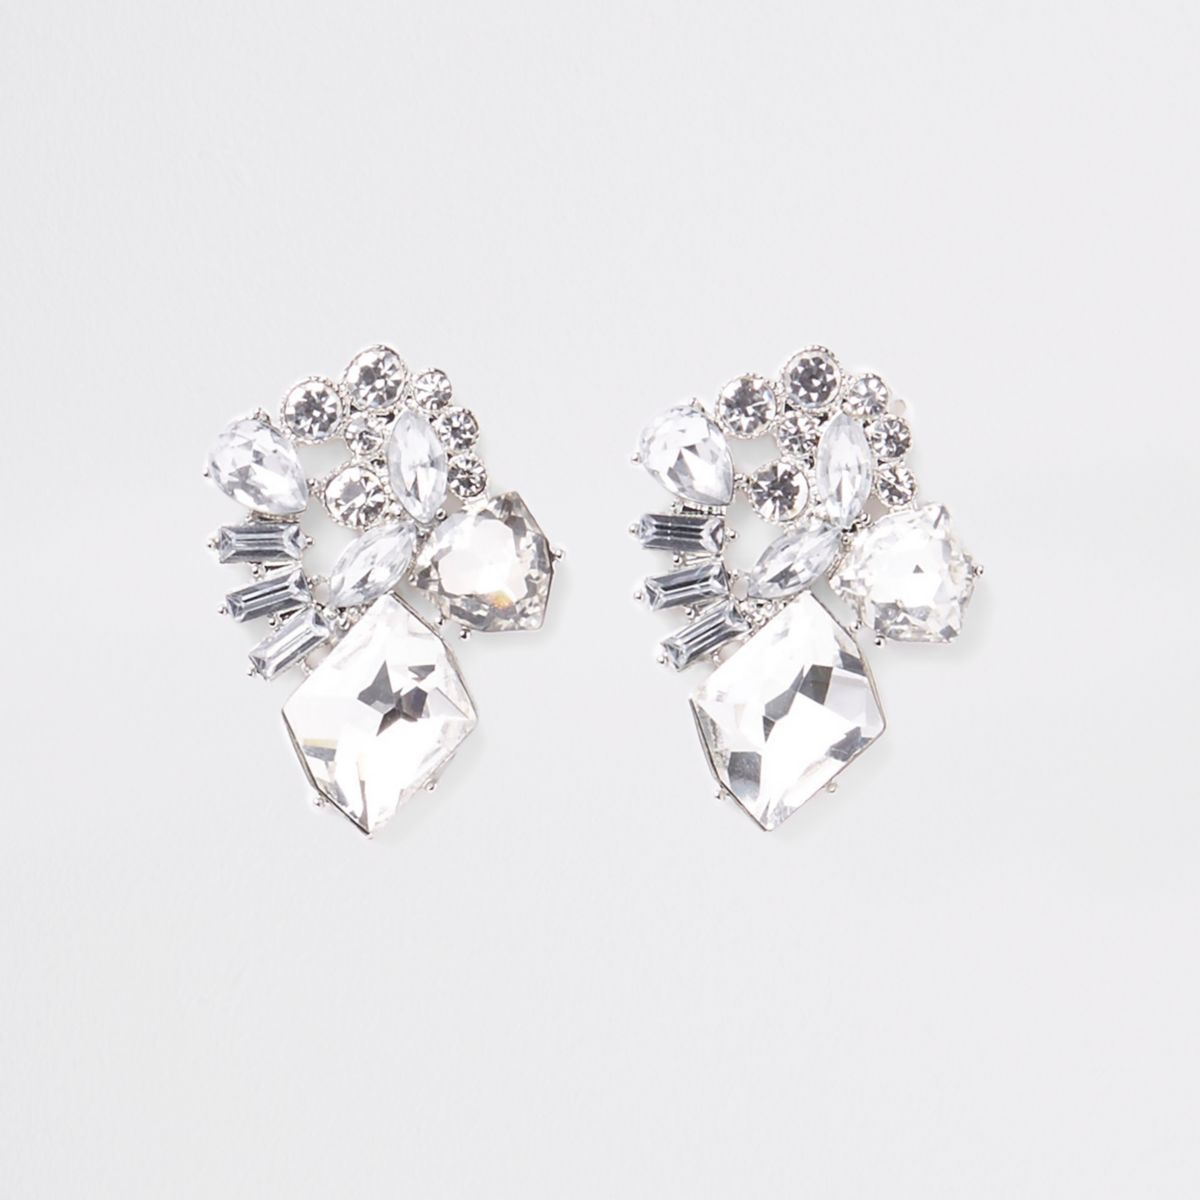 Silver tone jewel drop earrings